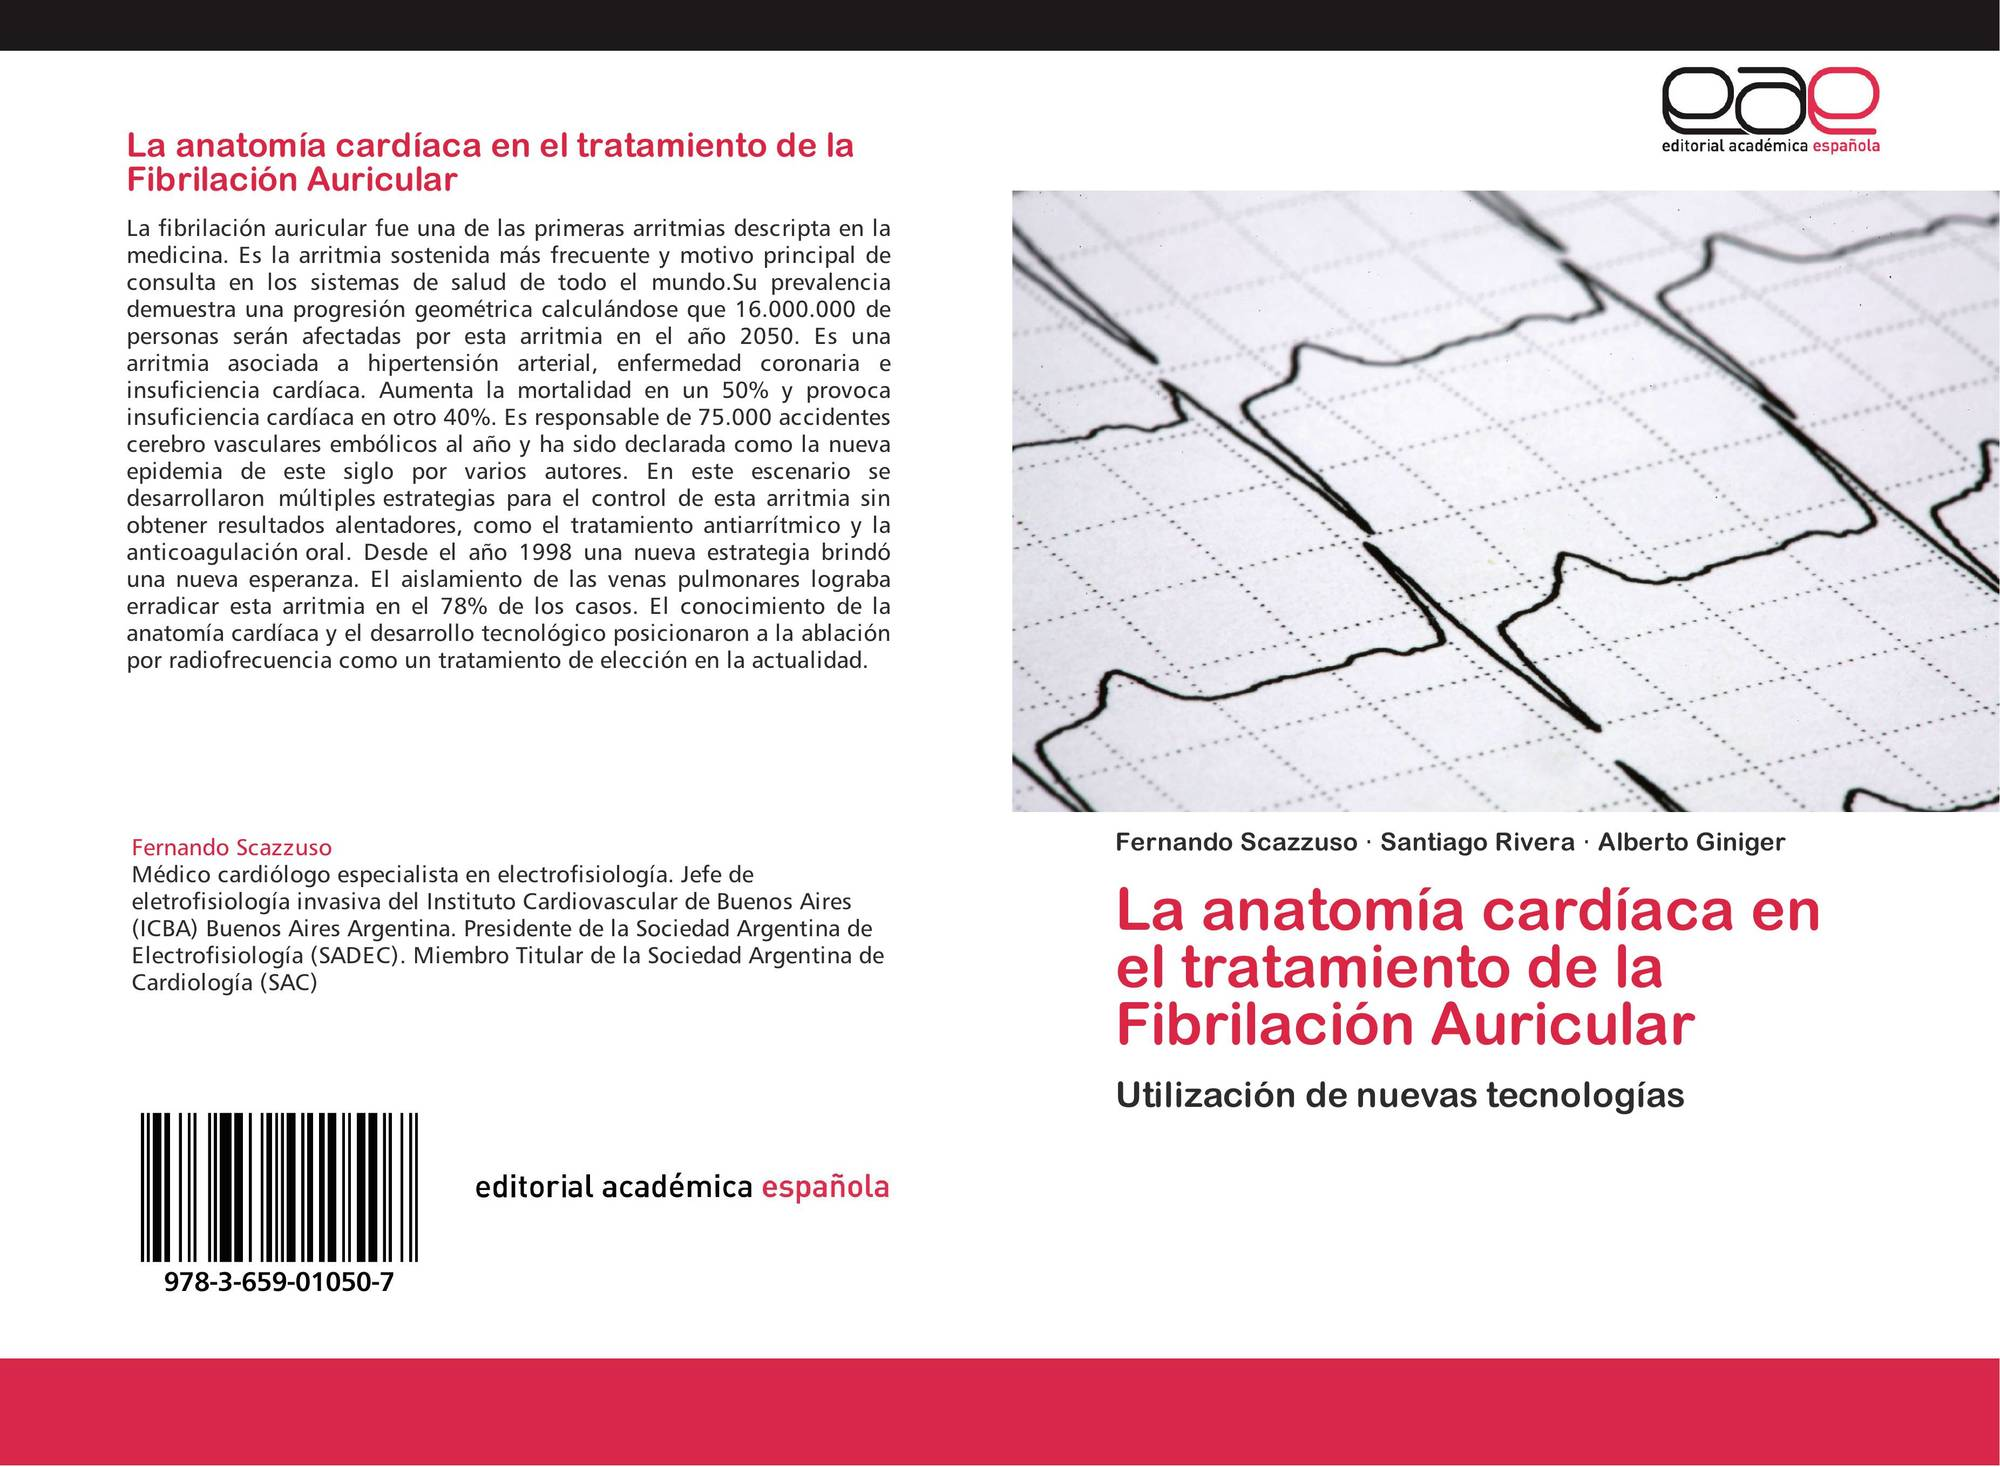 La anatomía cardíaca en el tratamiento de la Fibrilación Auricular ...